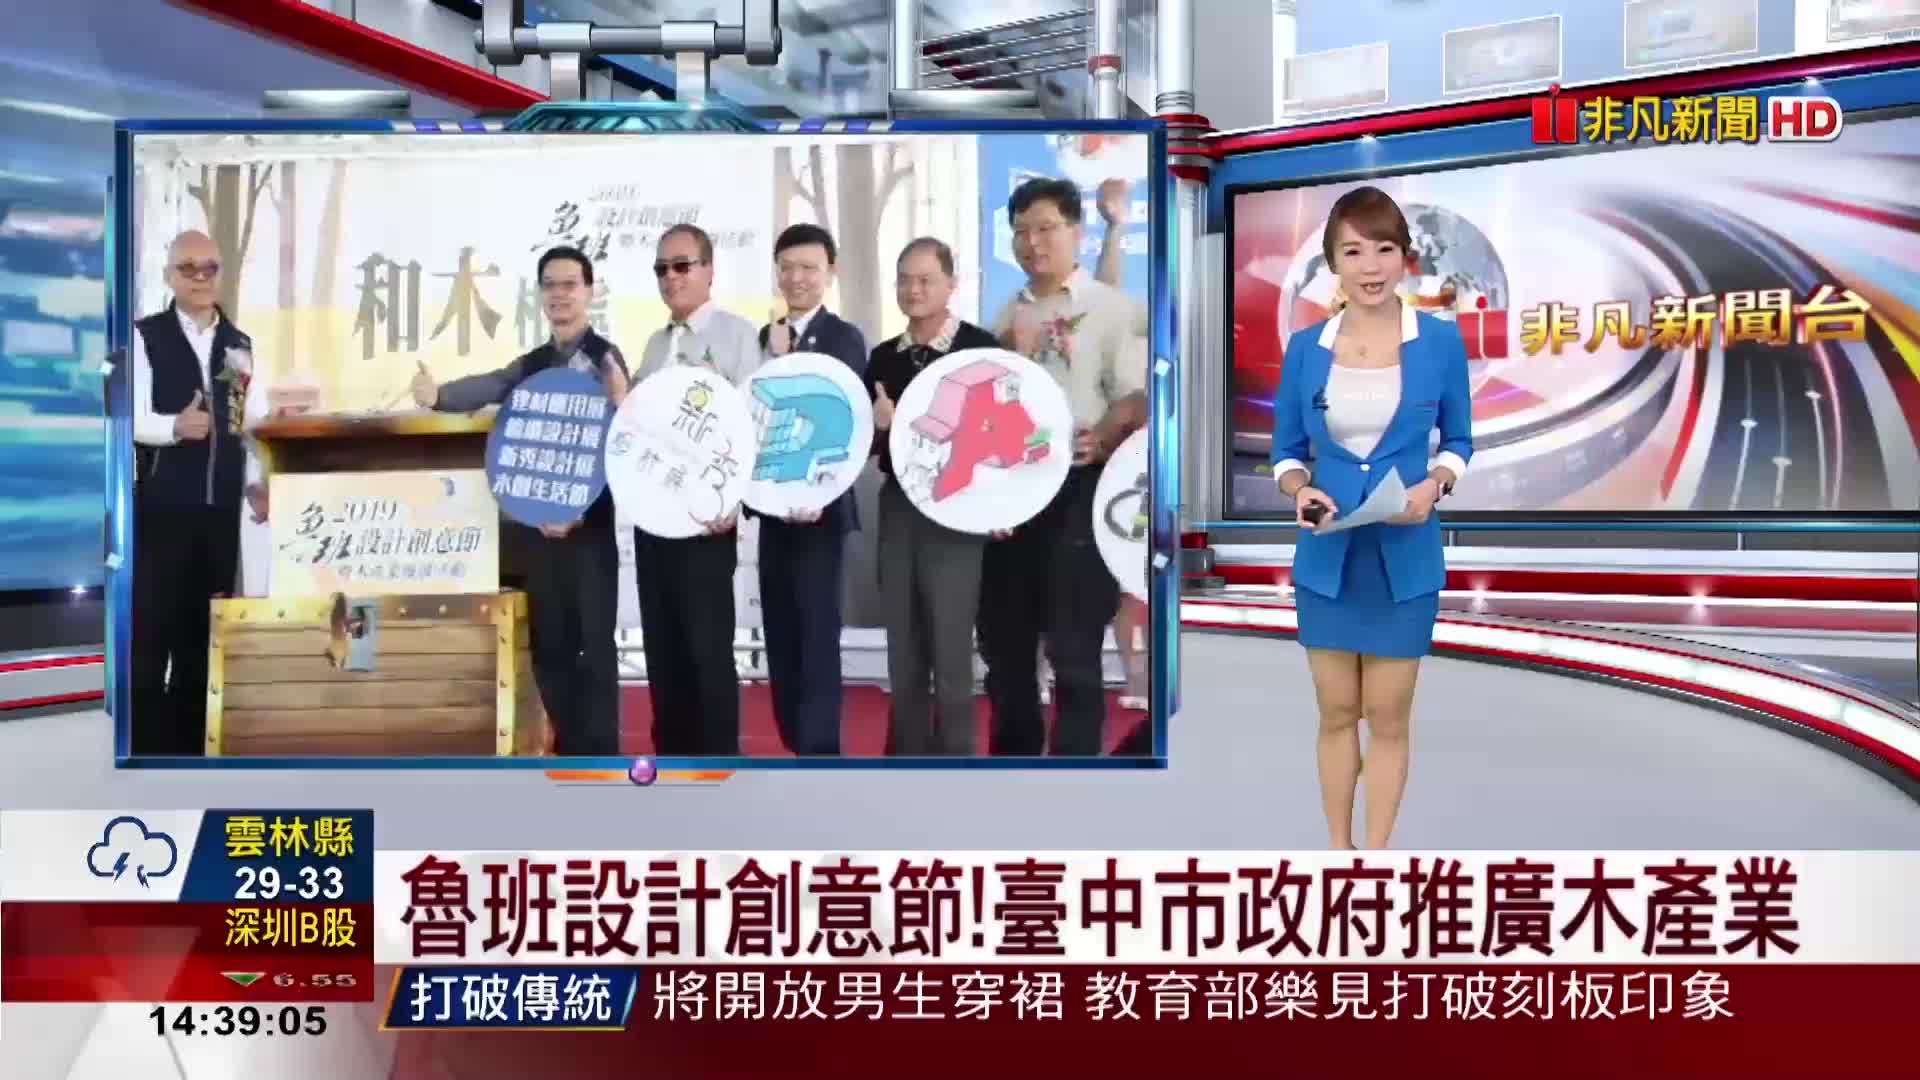 魯班設計創意節!臺中市政府推廣木產業